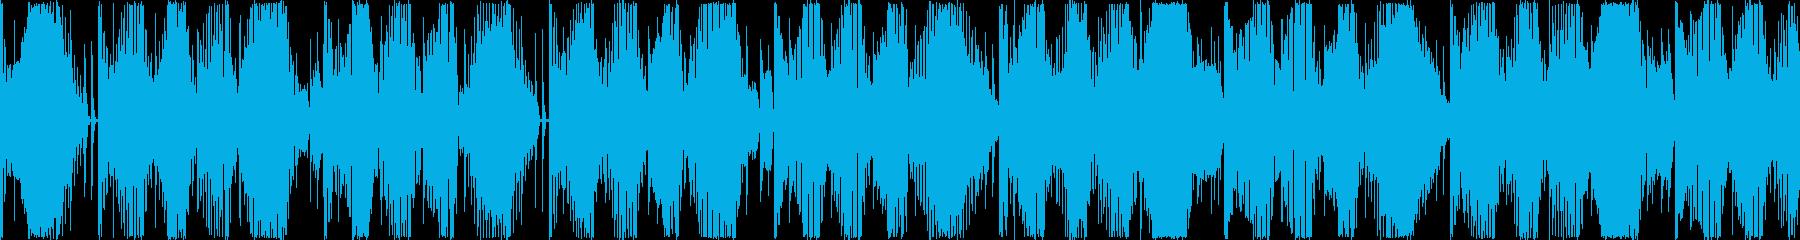 Futurebassサウンドロゴジングルの再生済みの波形